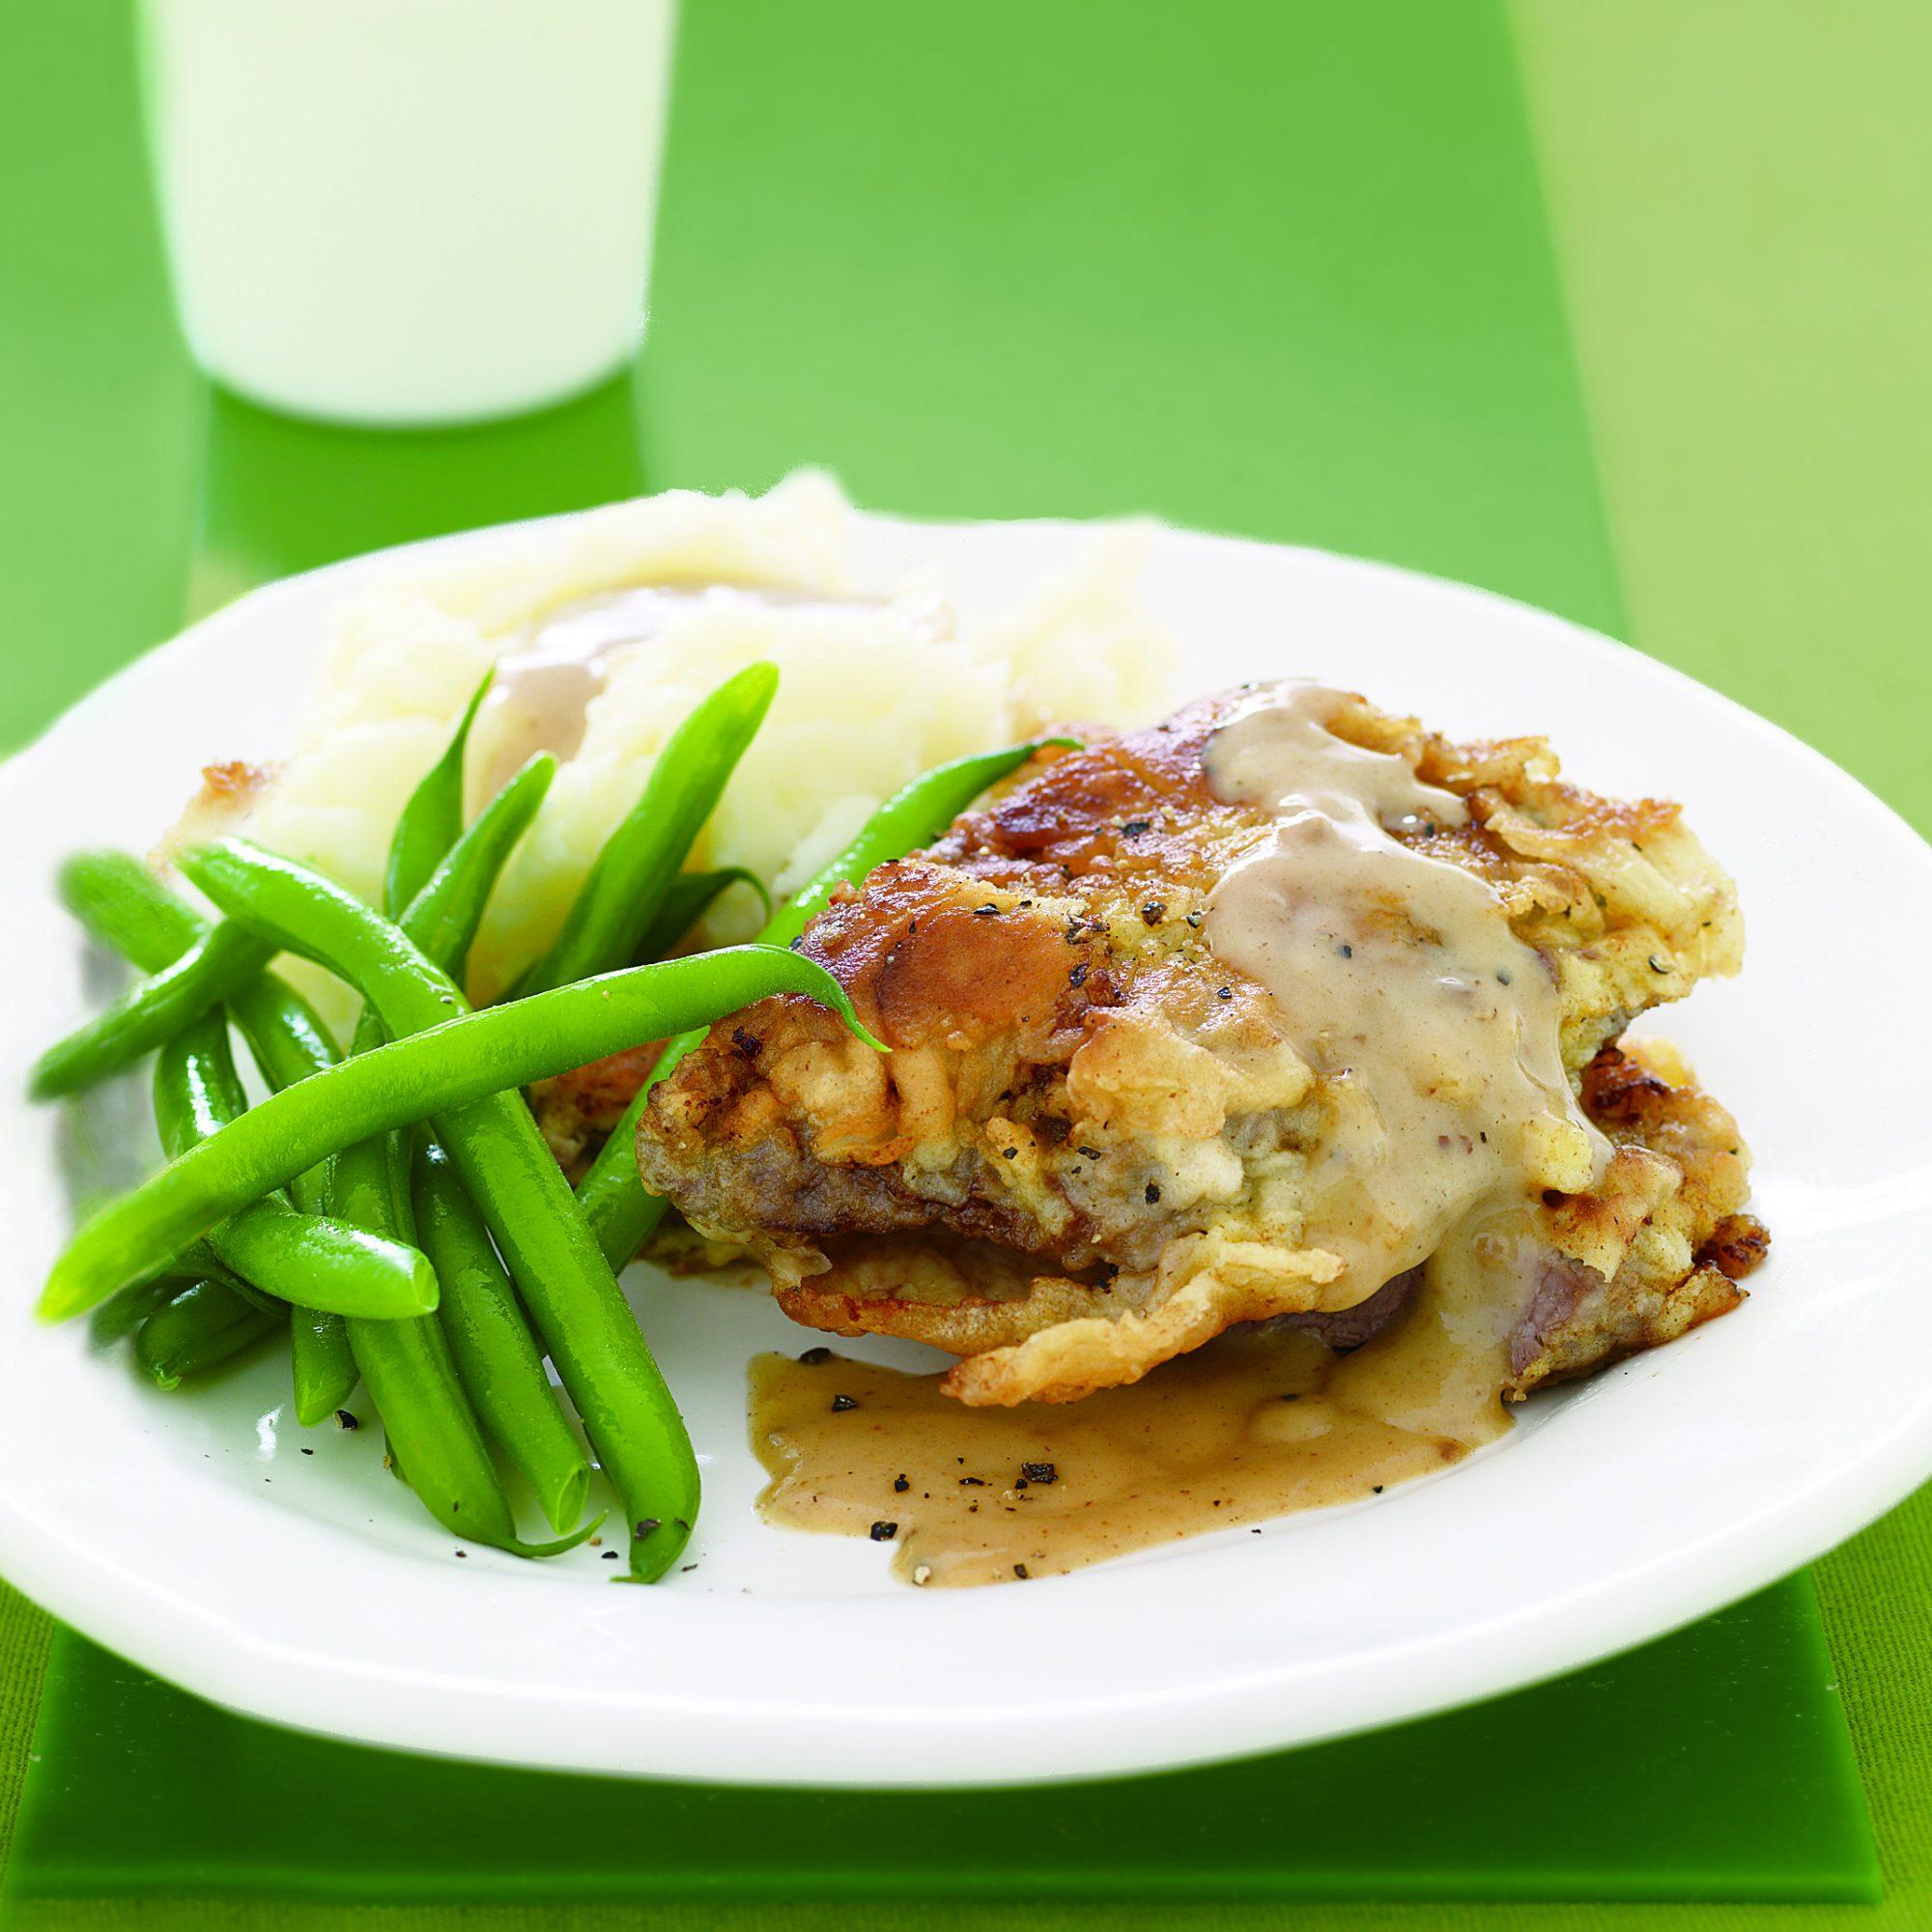 Chicken-Fried Steak with Gravy